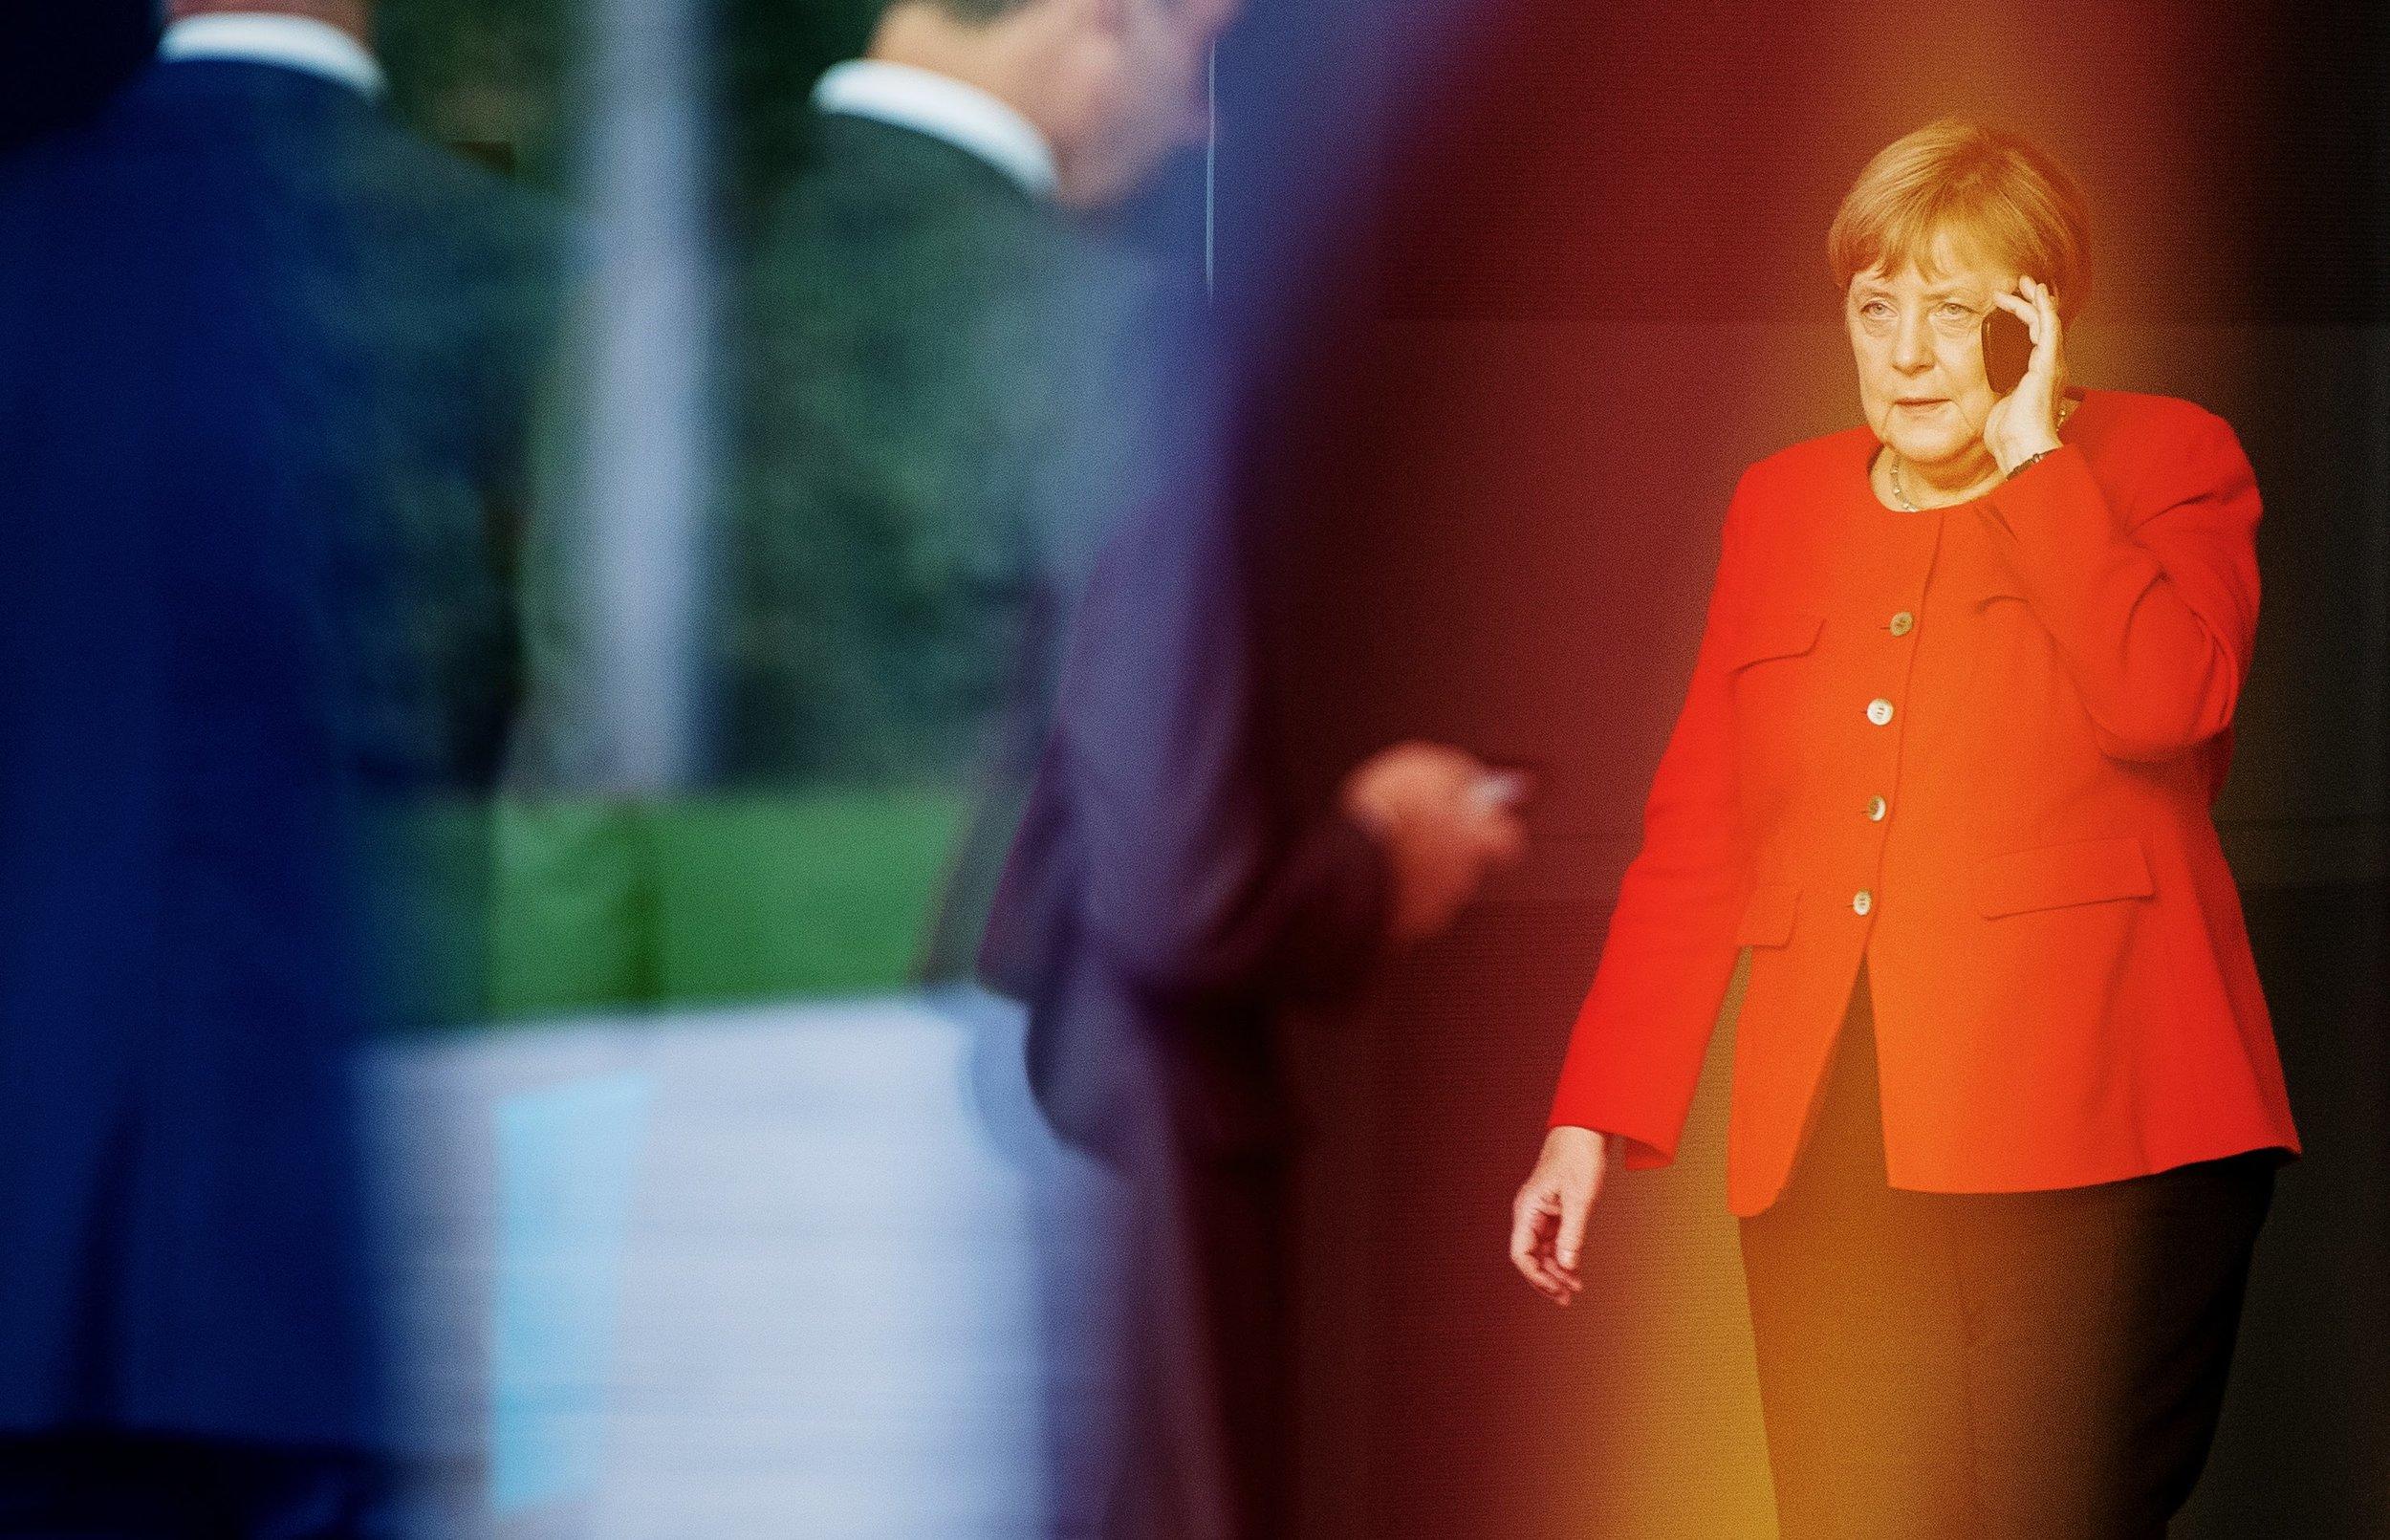 Bundeskanzlerin Angela Merkel telefoniert vor der Ankunft des tschechischen Präsidenten im Bundeskanzleramt.